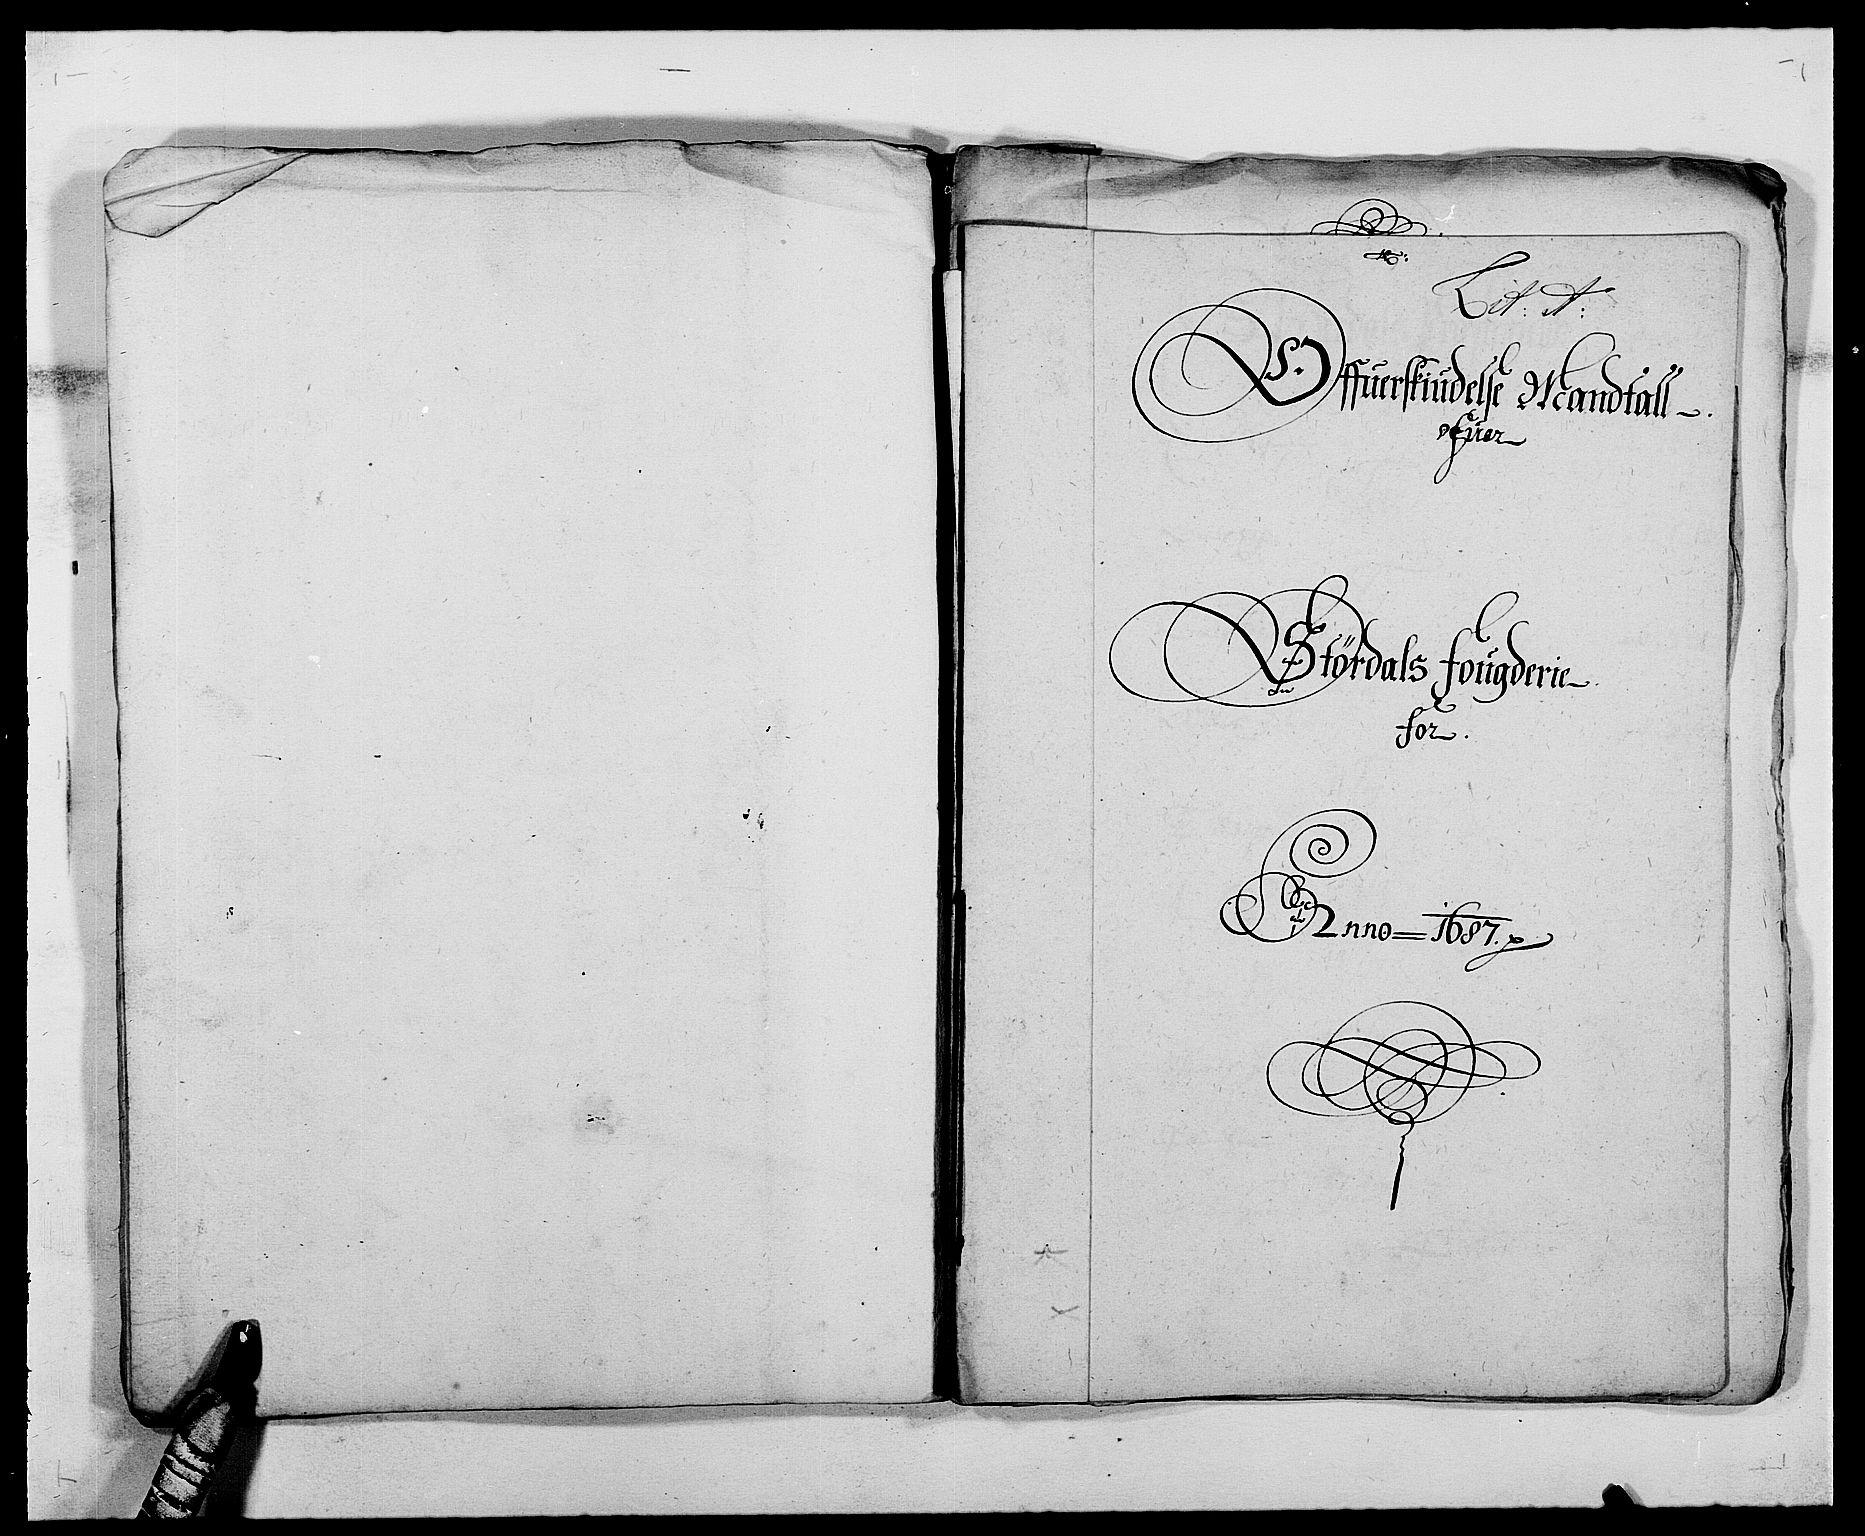 RA, Rentekammeret inntil 1814, Reviderte regnskaper, Fogderegnskap, R62/L4183: Fogderegnskap Stjørdal og Verdal, 1687-1689, s. 36